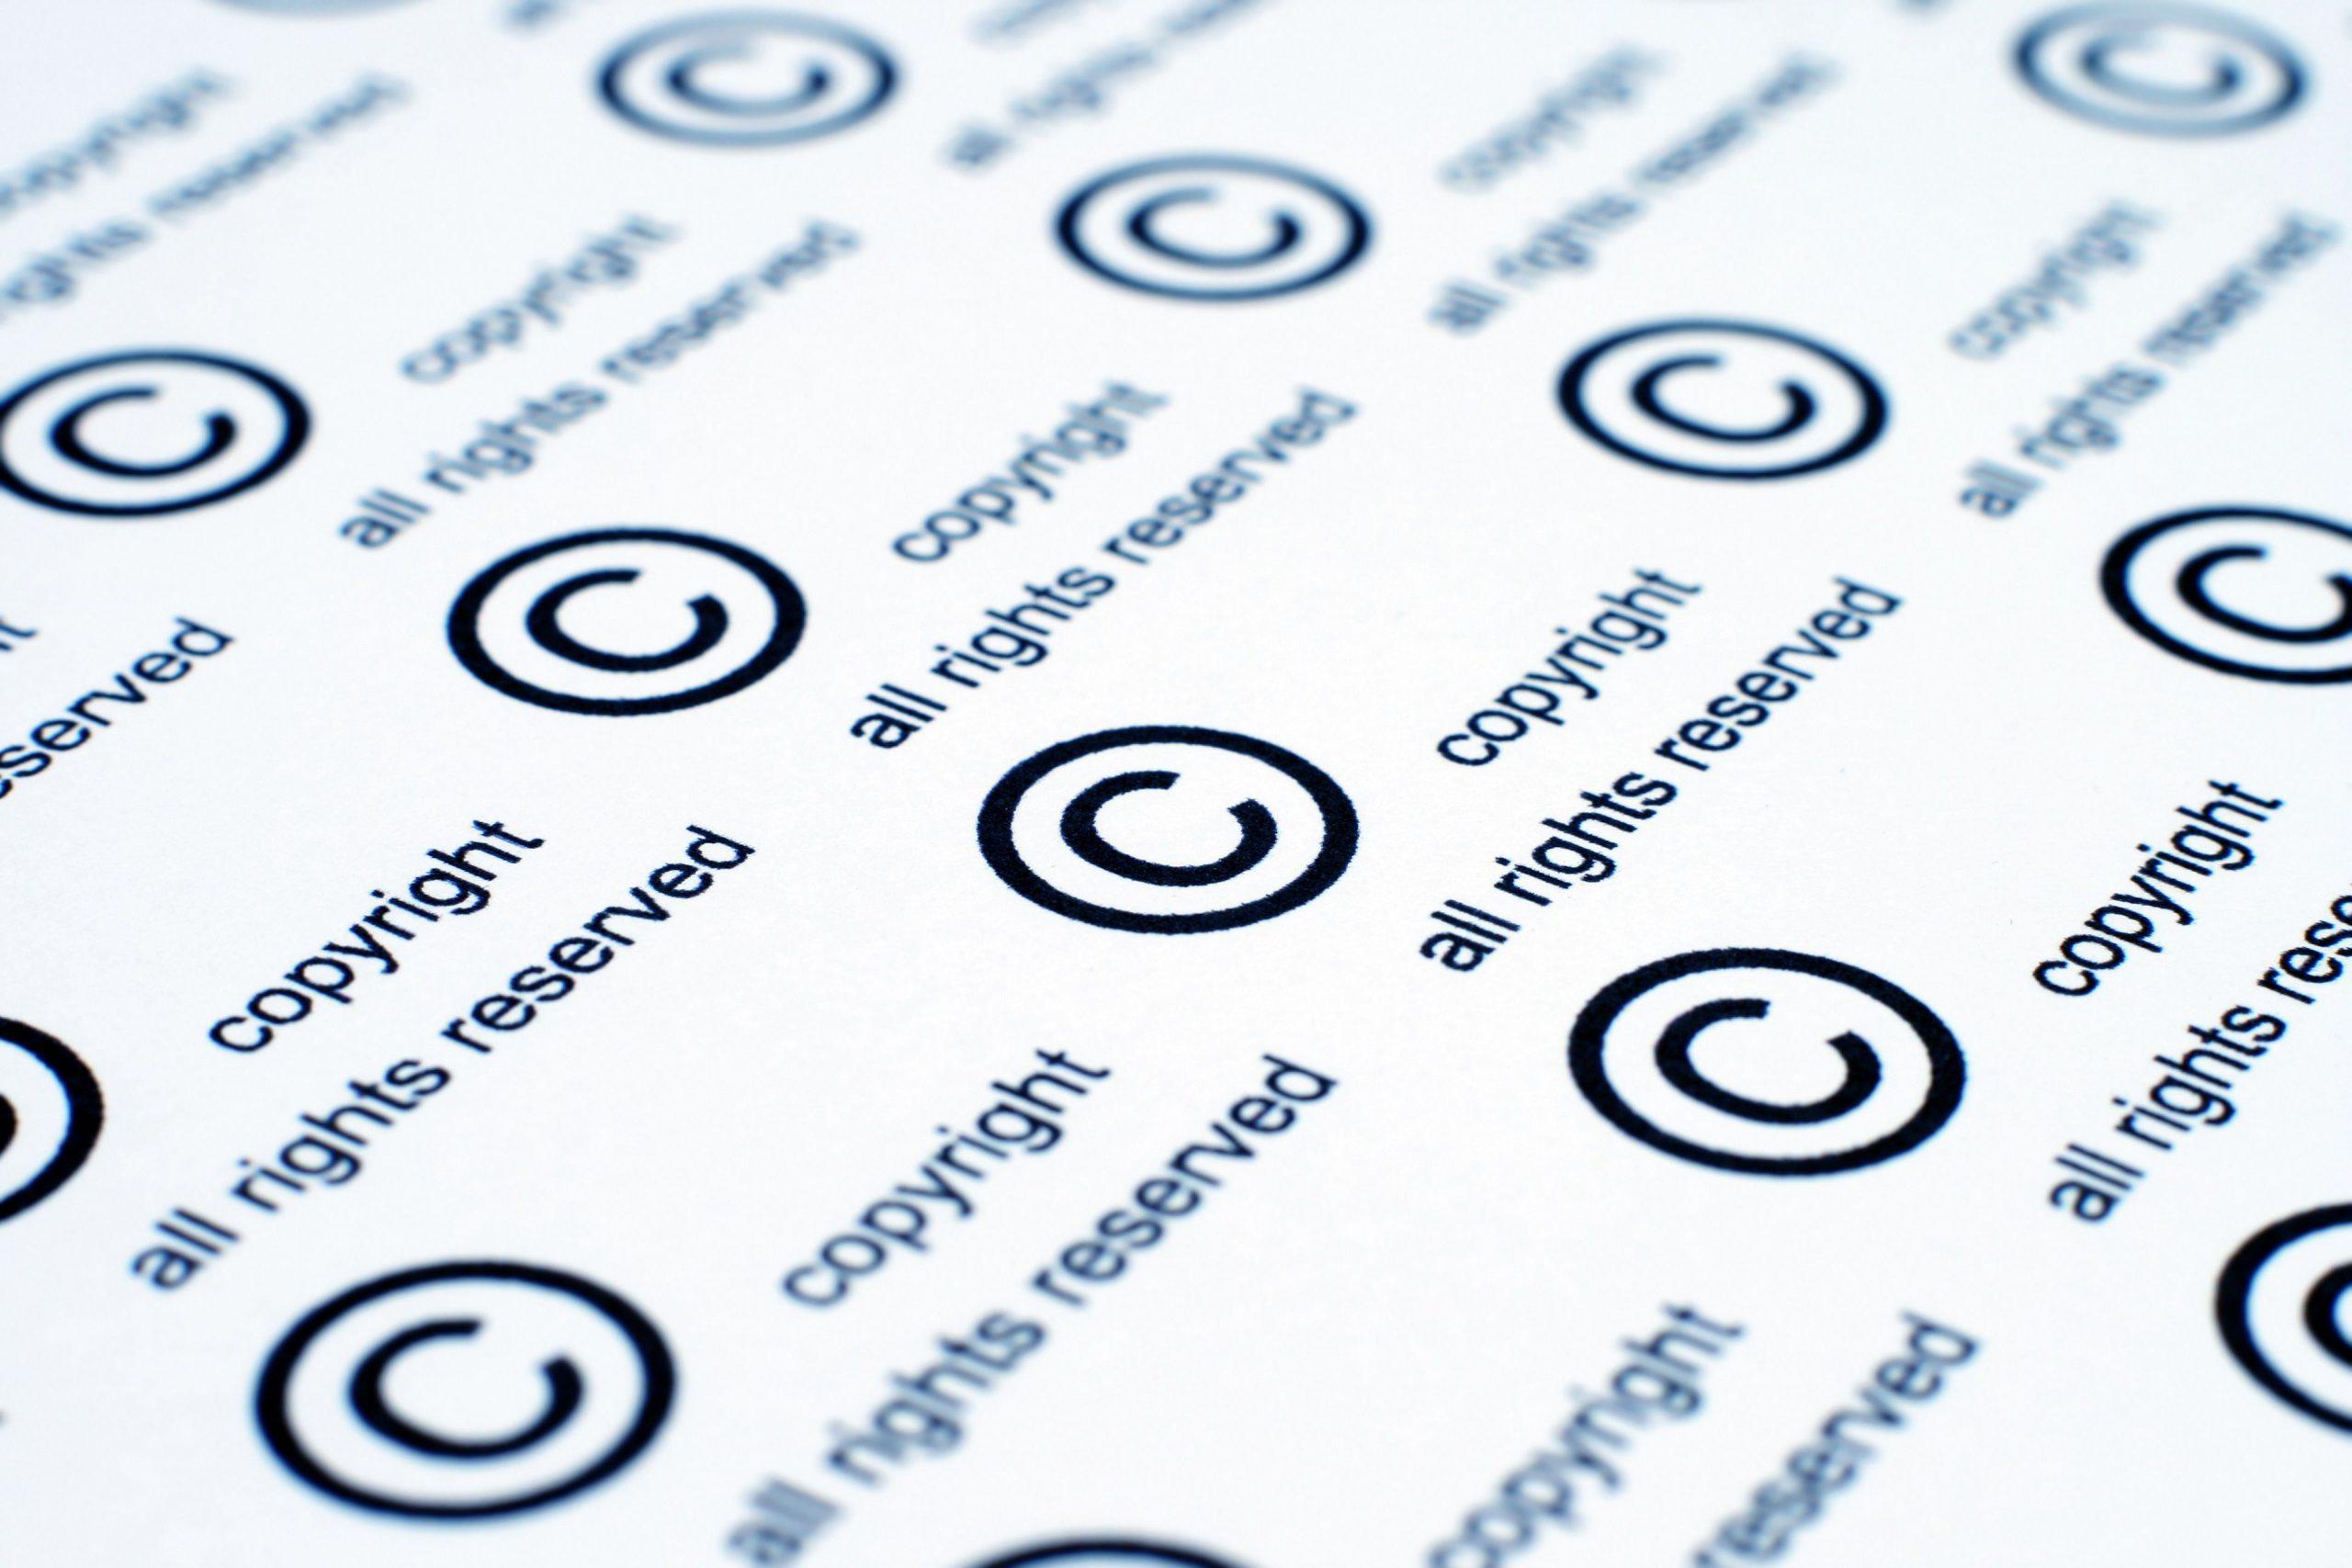 Copyright - Tutti i diritti sono riservati